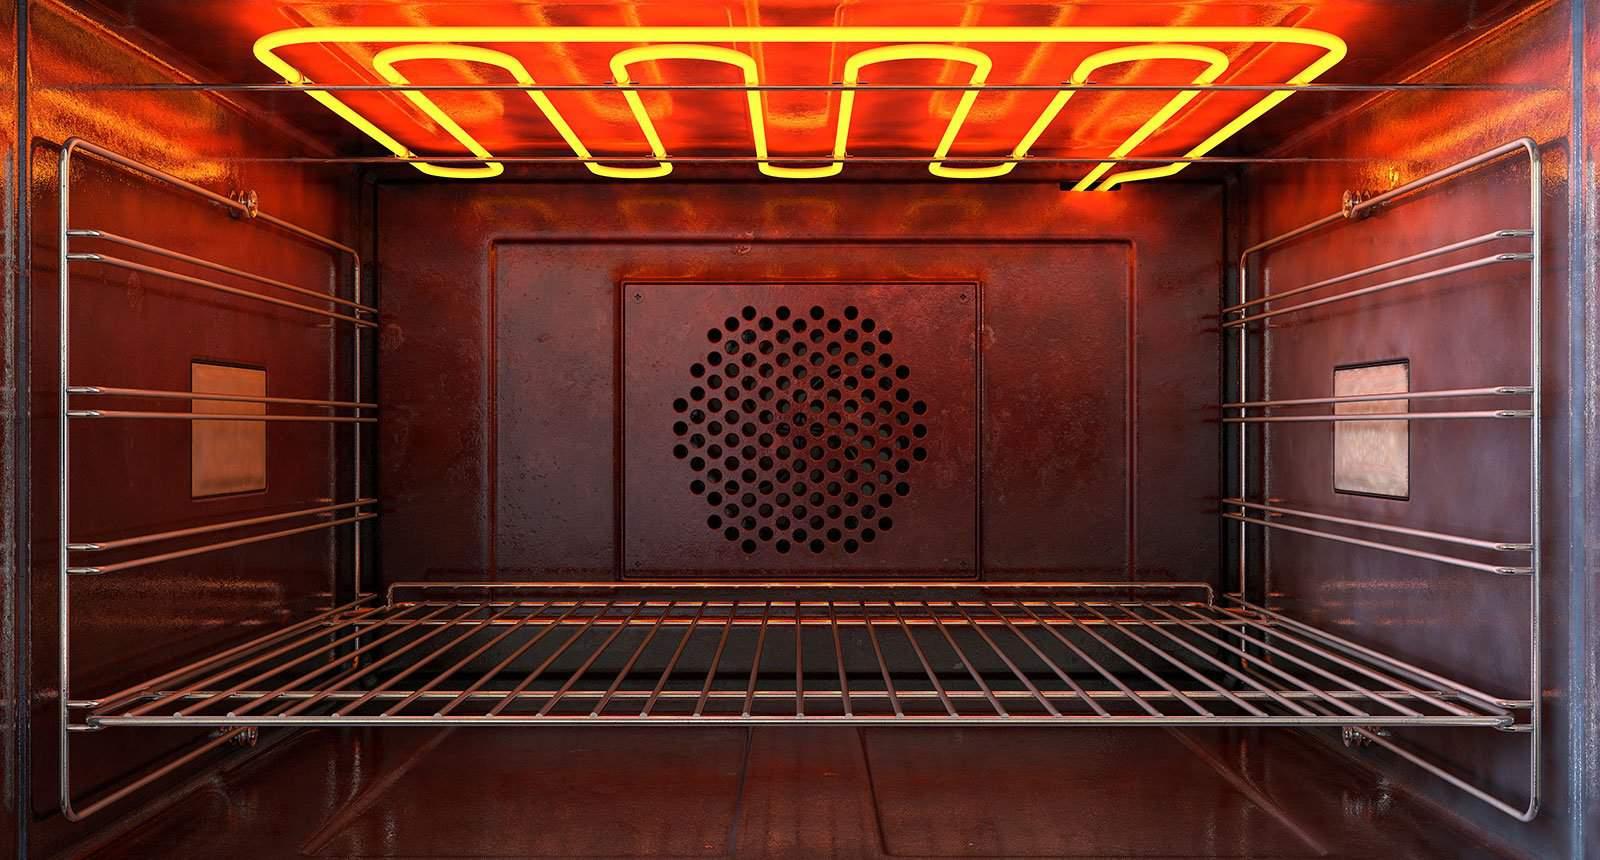 Details Oven